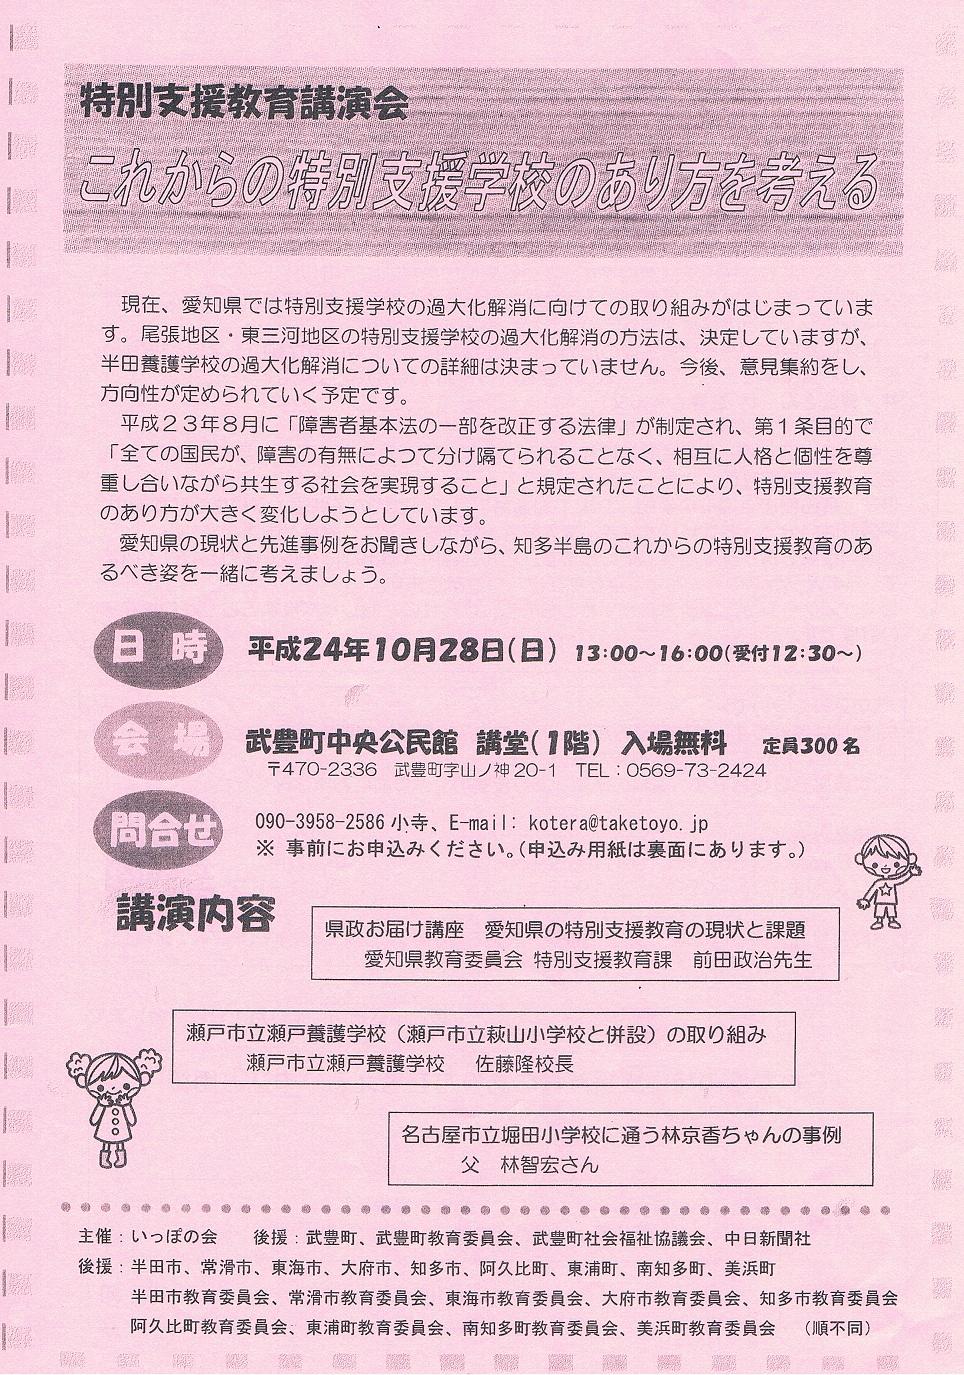 Tokubetsushien20121028a